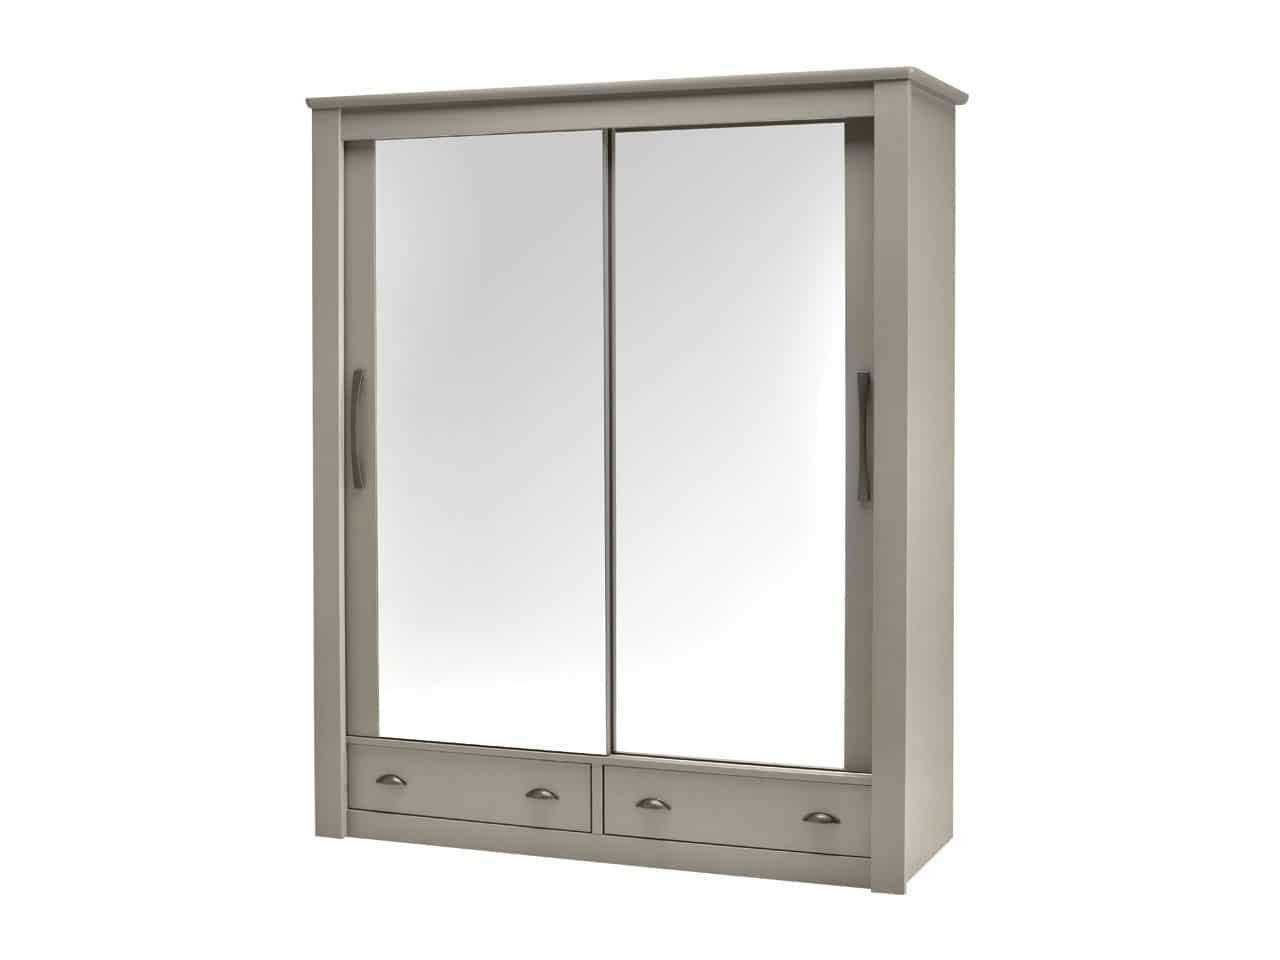 Armoire 2 Portes Coulissantes Miroir Avec Tiroirs Dolce Laque Argile Meubles Minet